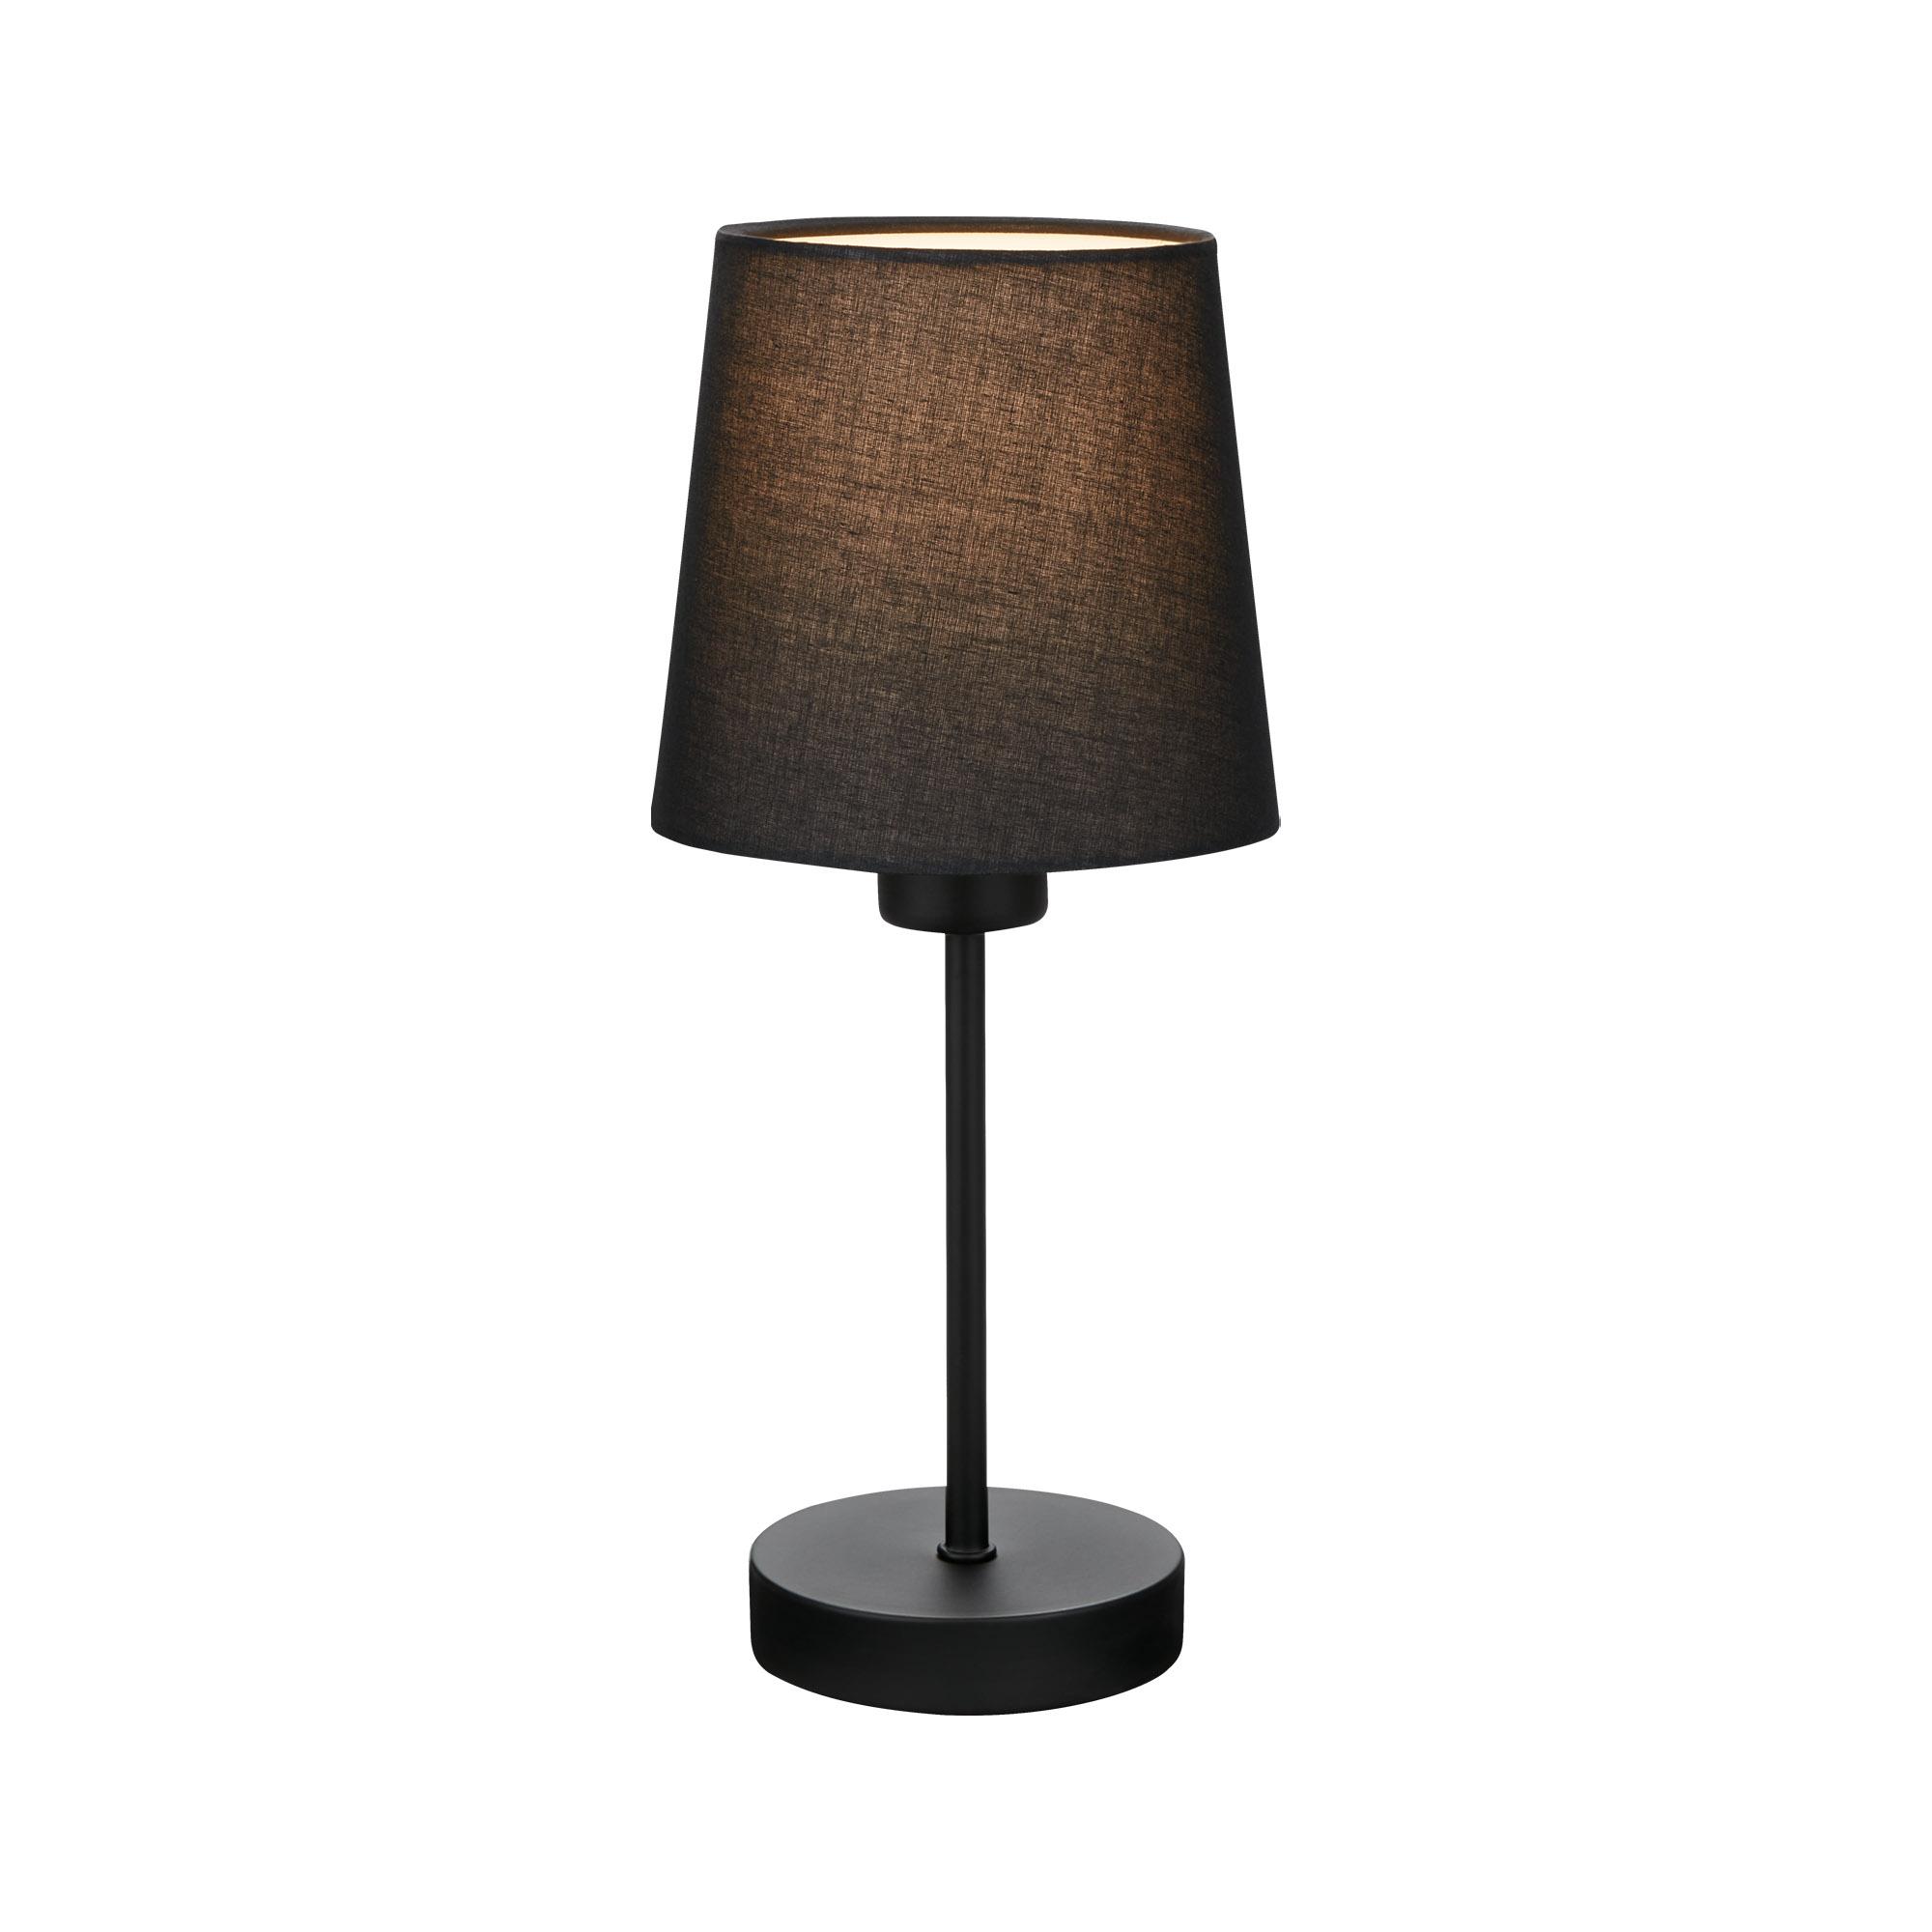 Tischleuchte, 31,4 cm, max. 25 W, Schwarz